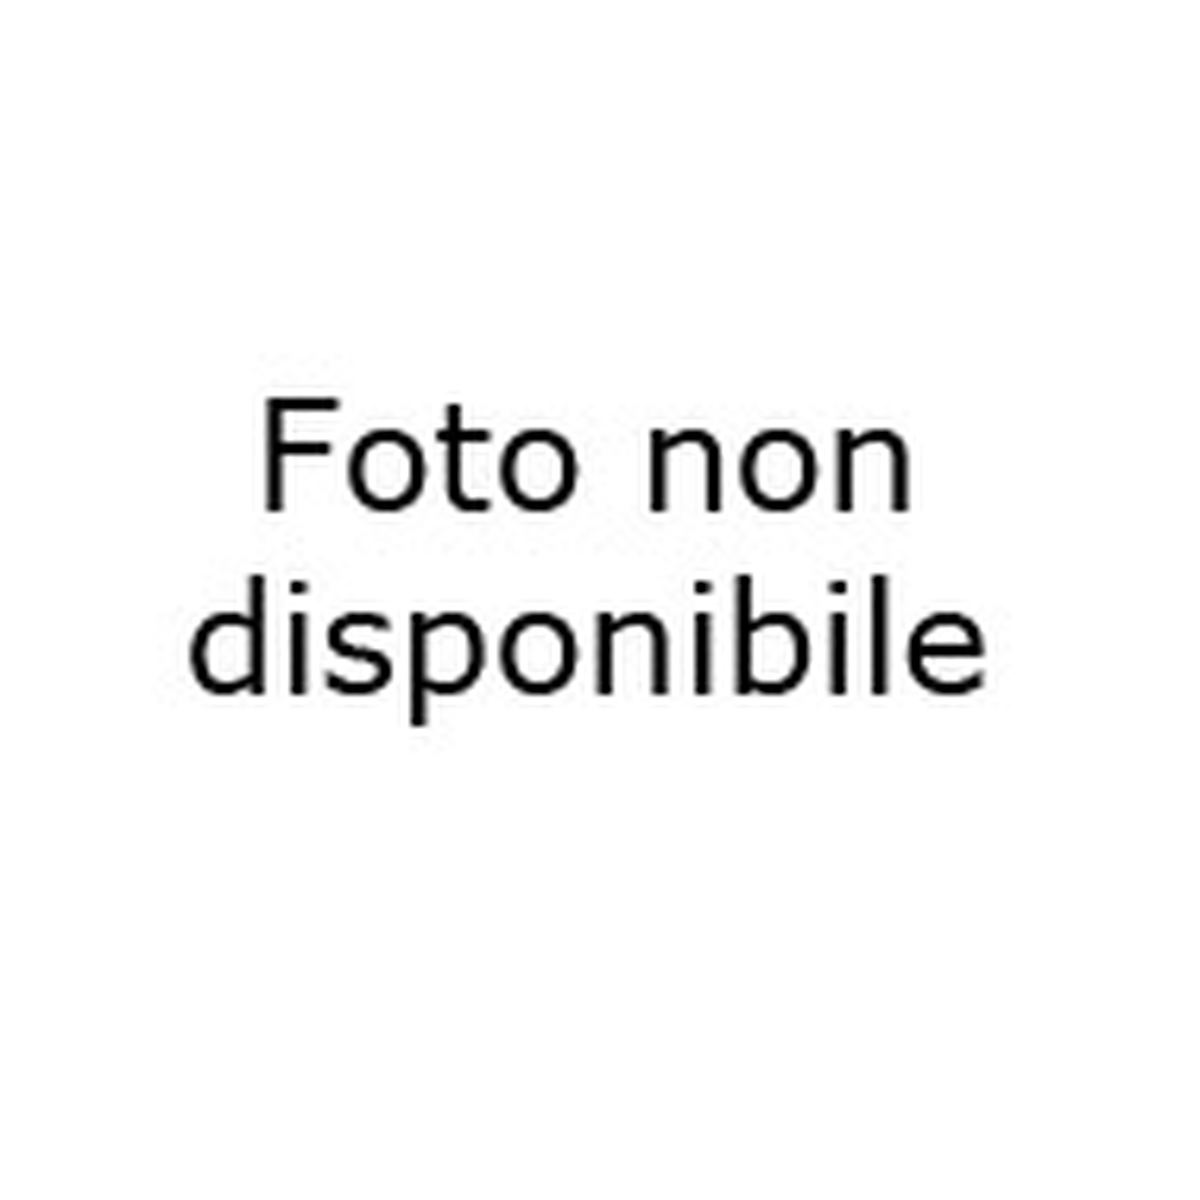 Canon EF 70-200mm f/2.8 L IS USM : Caratteristiche e